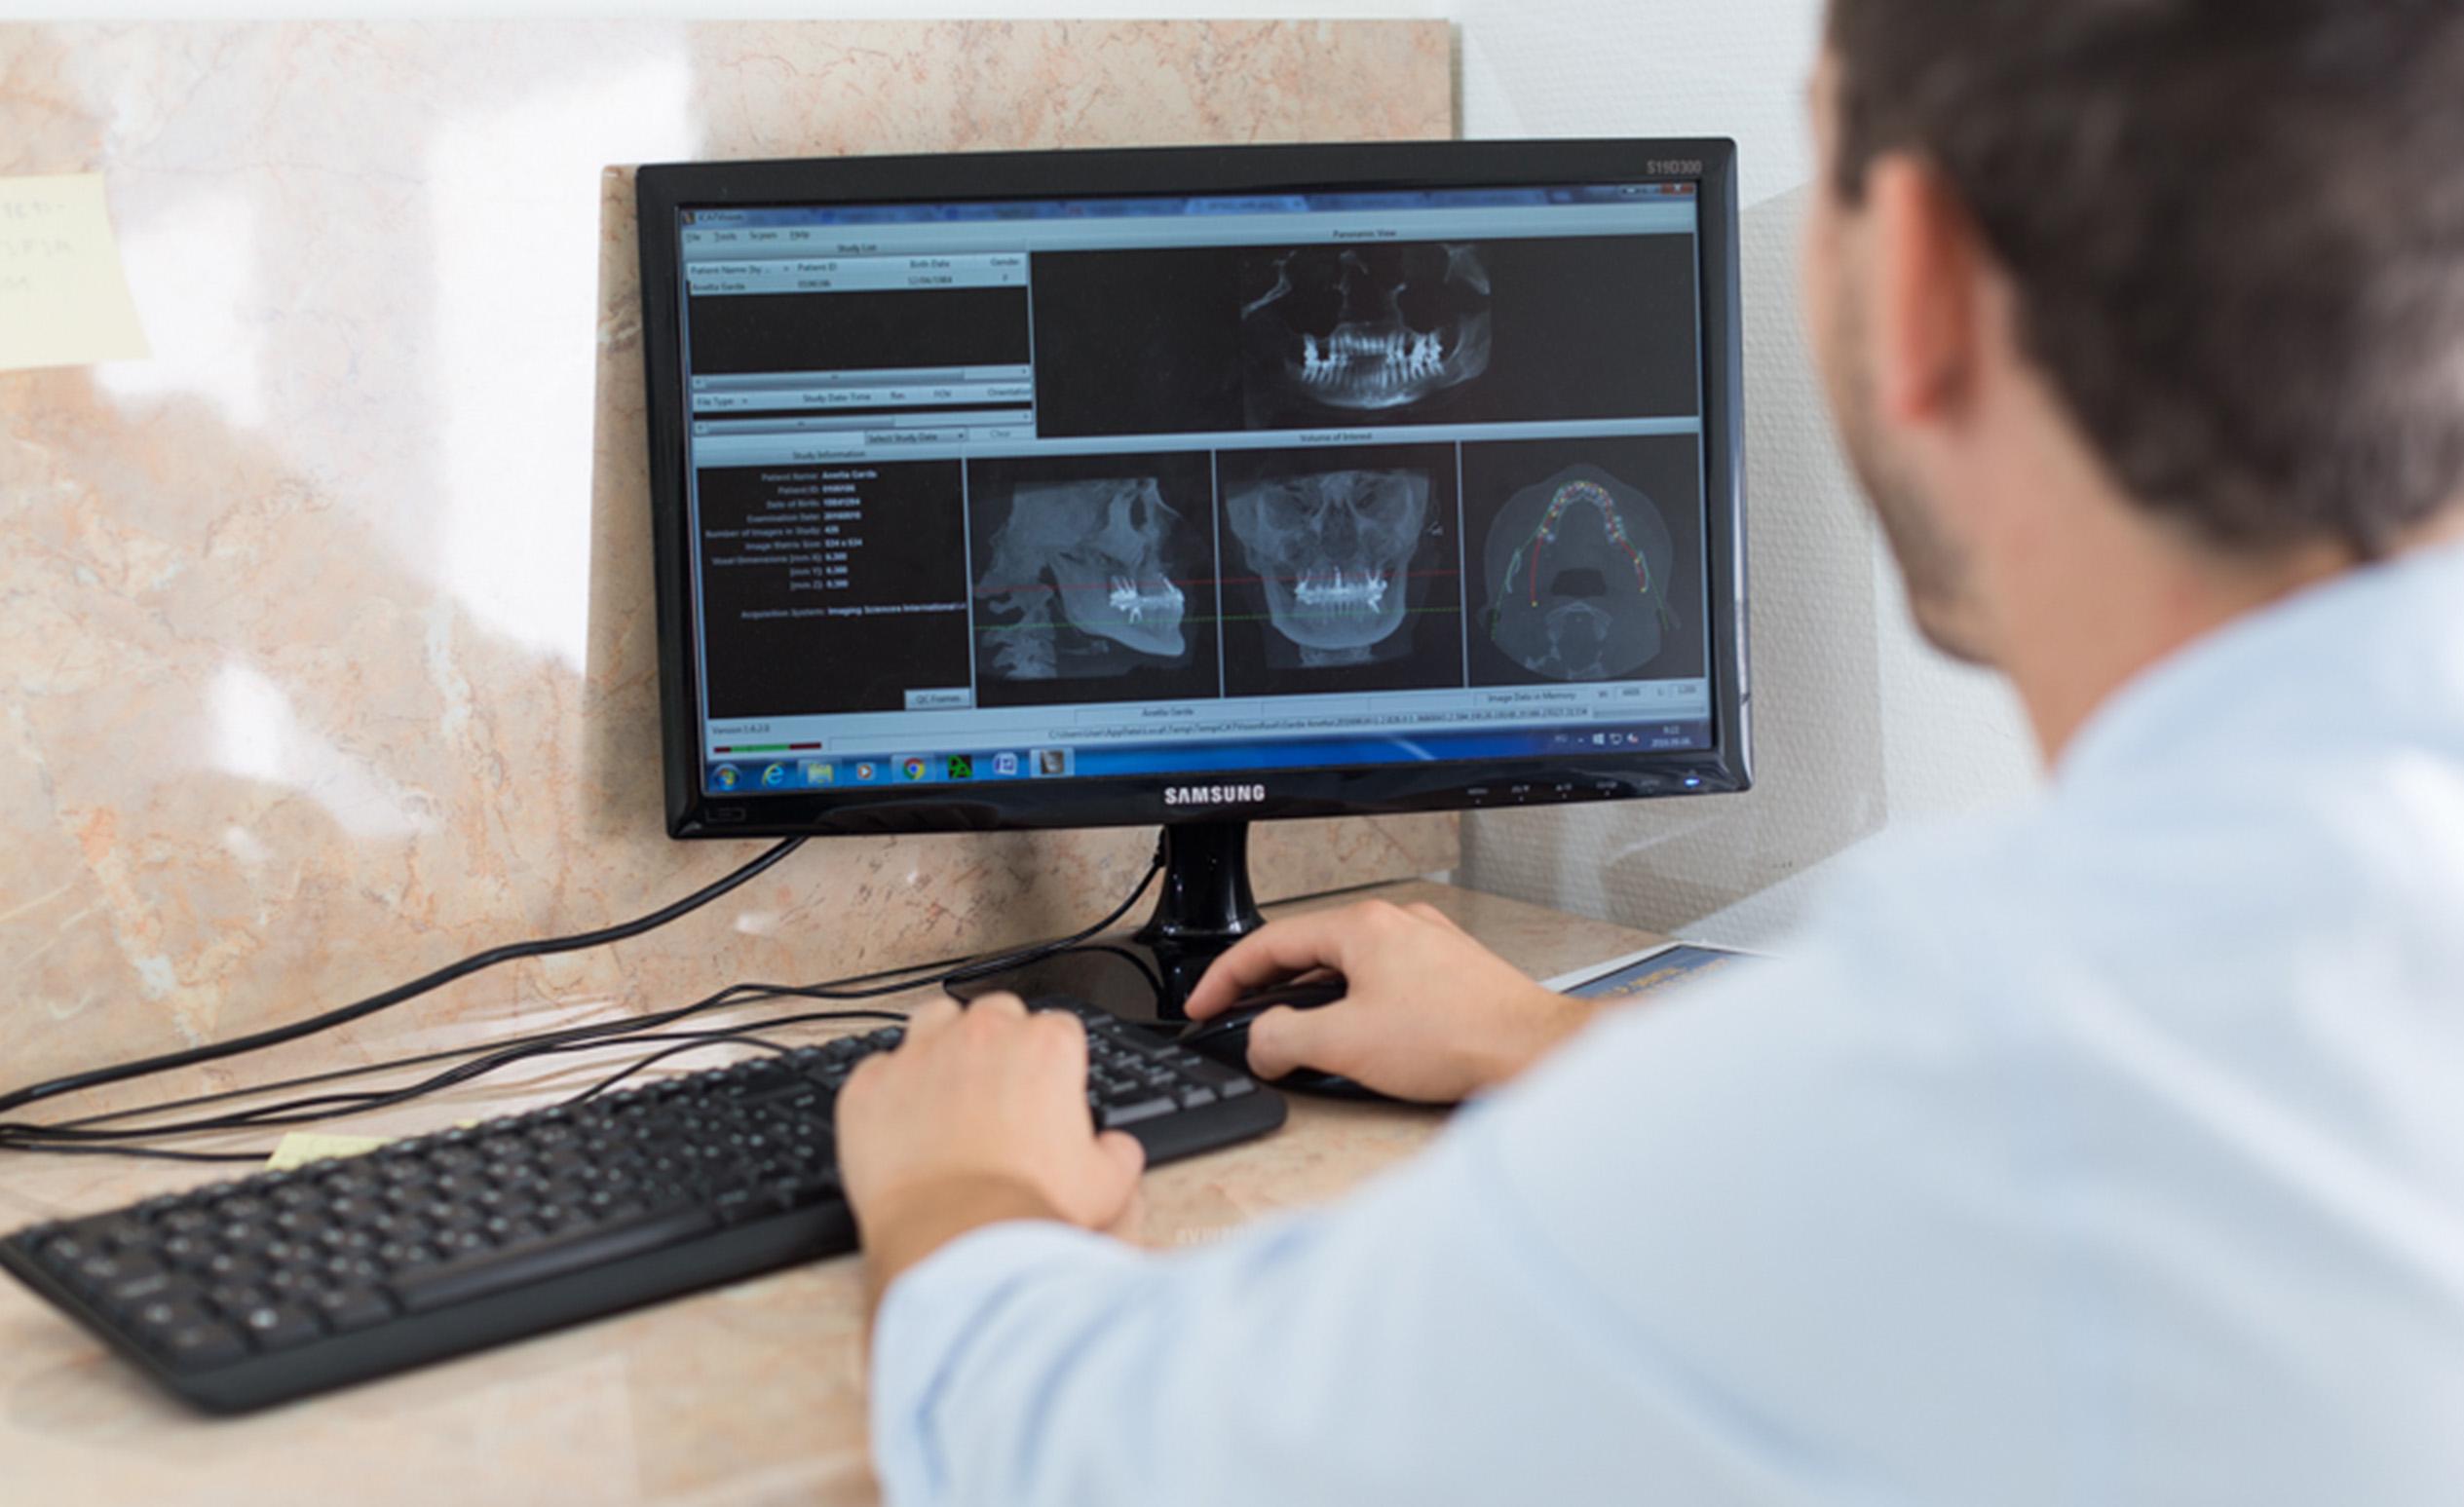 Ein Budapester Zahnarzt sitzt vor dem Computer, er gebraucht ein Programm zur Unterstützung der Zahnimplantation.